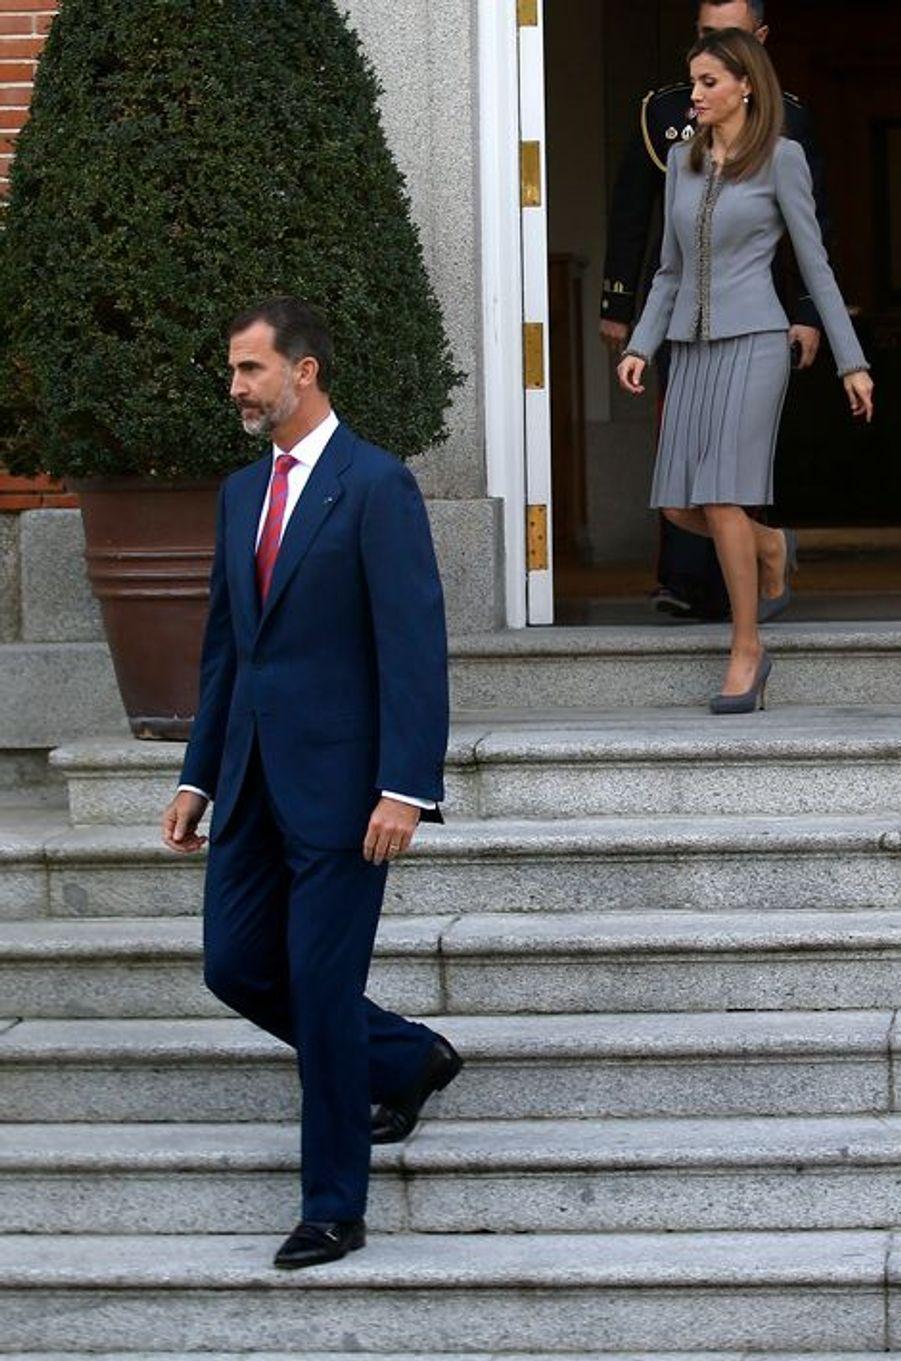 Le roi Felipe VI d'Espagne et la reine Letizia reçoivent Michelle Bachelet au palais de la Zarzuela à Madrid, le 29 octobre 2014